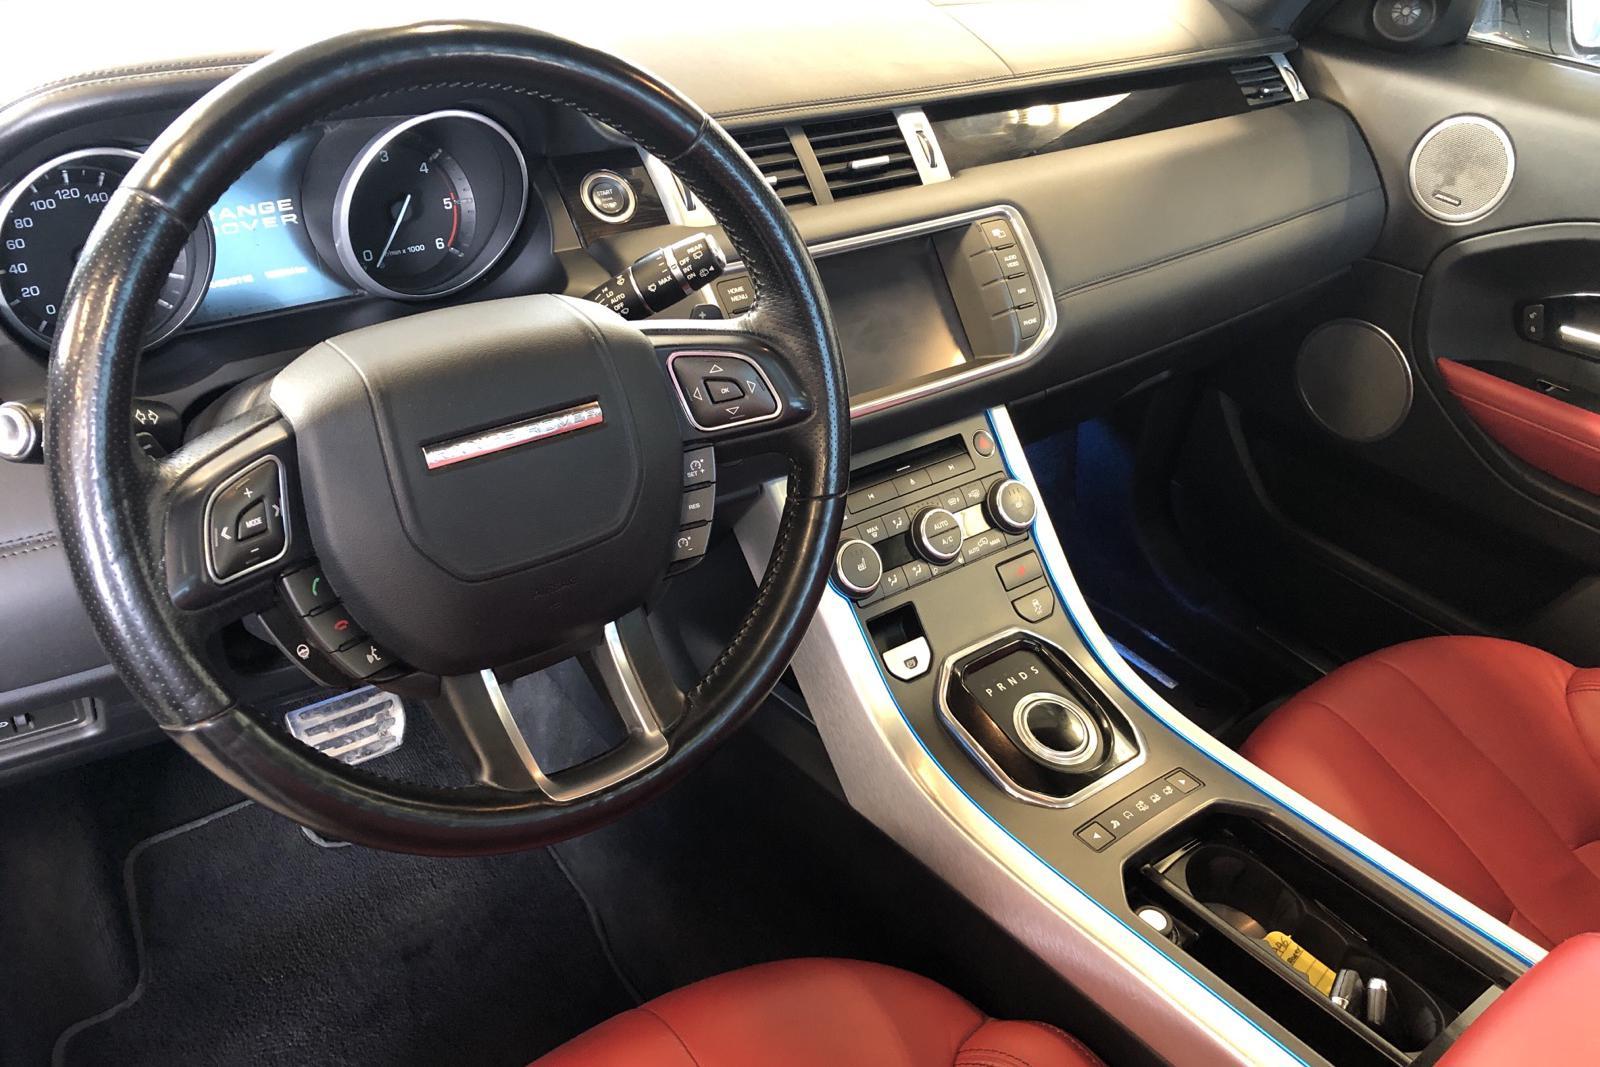 Land Rover Range Rover Evoque 2.2 SD4 Coupé (190hk) - 13 204 mil - Automat - vit - 2012